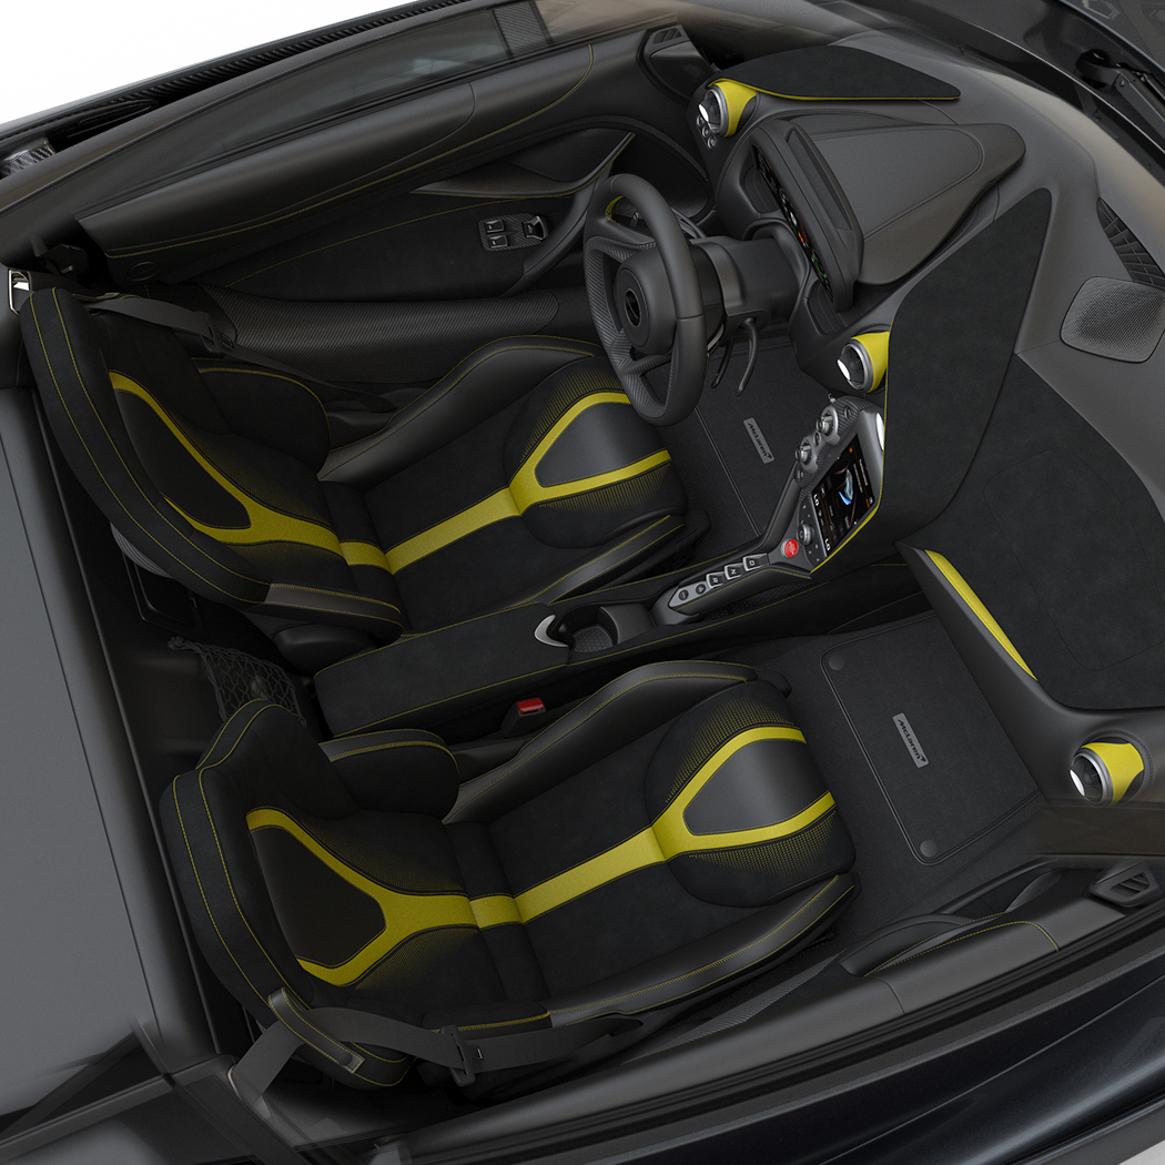 7667McLaren-720S_Jet-Black-Xenon-Yellow-interior_1